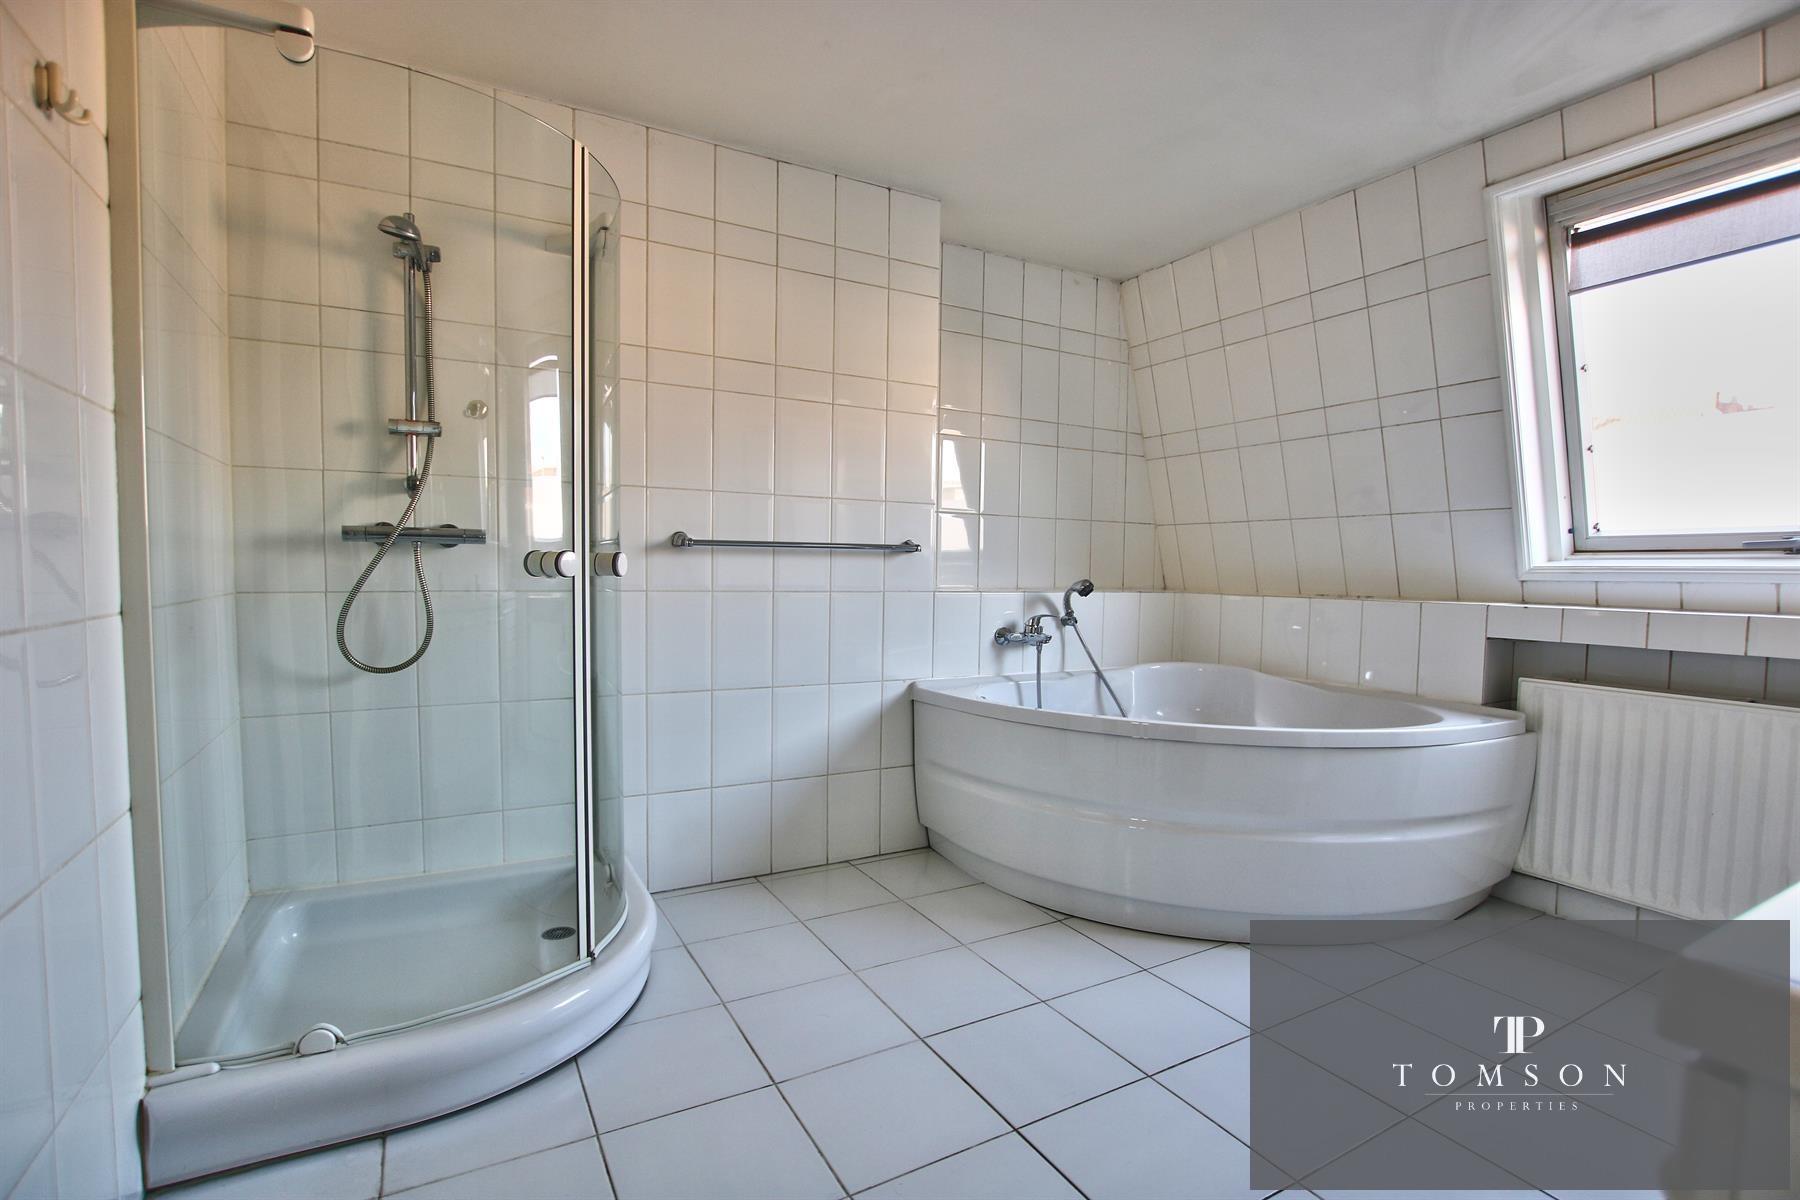 Maison - Woluwe-Saint-Lambert - #4496637-10